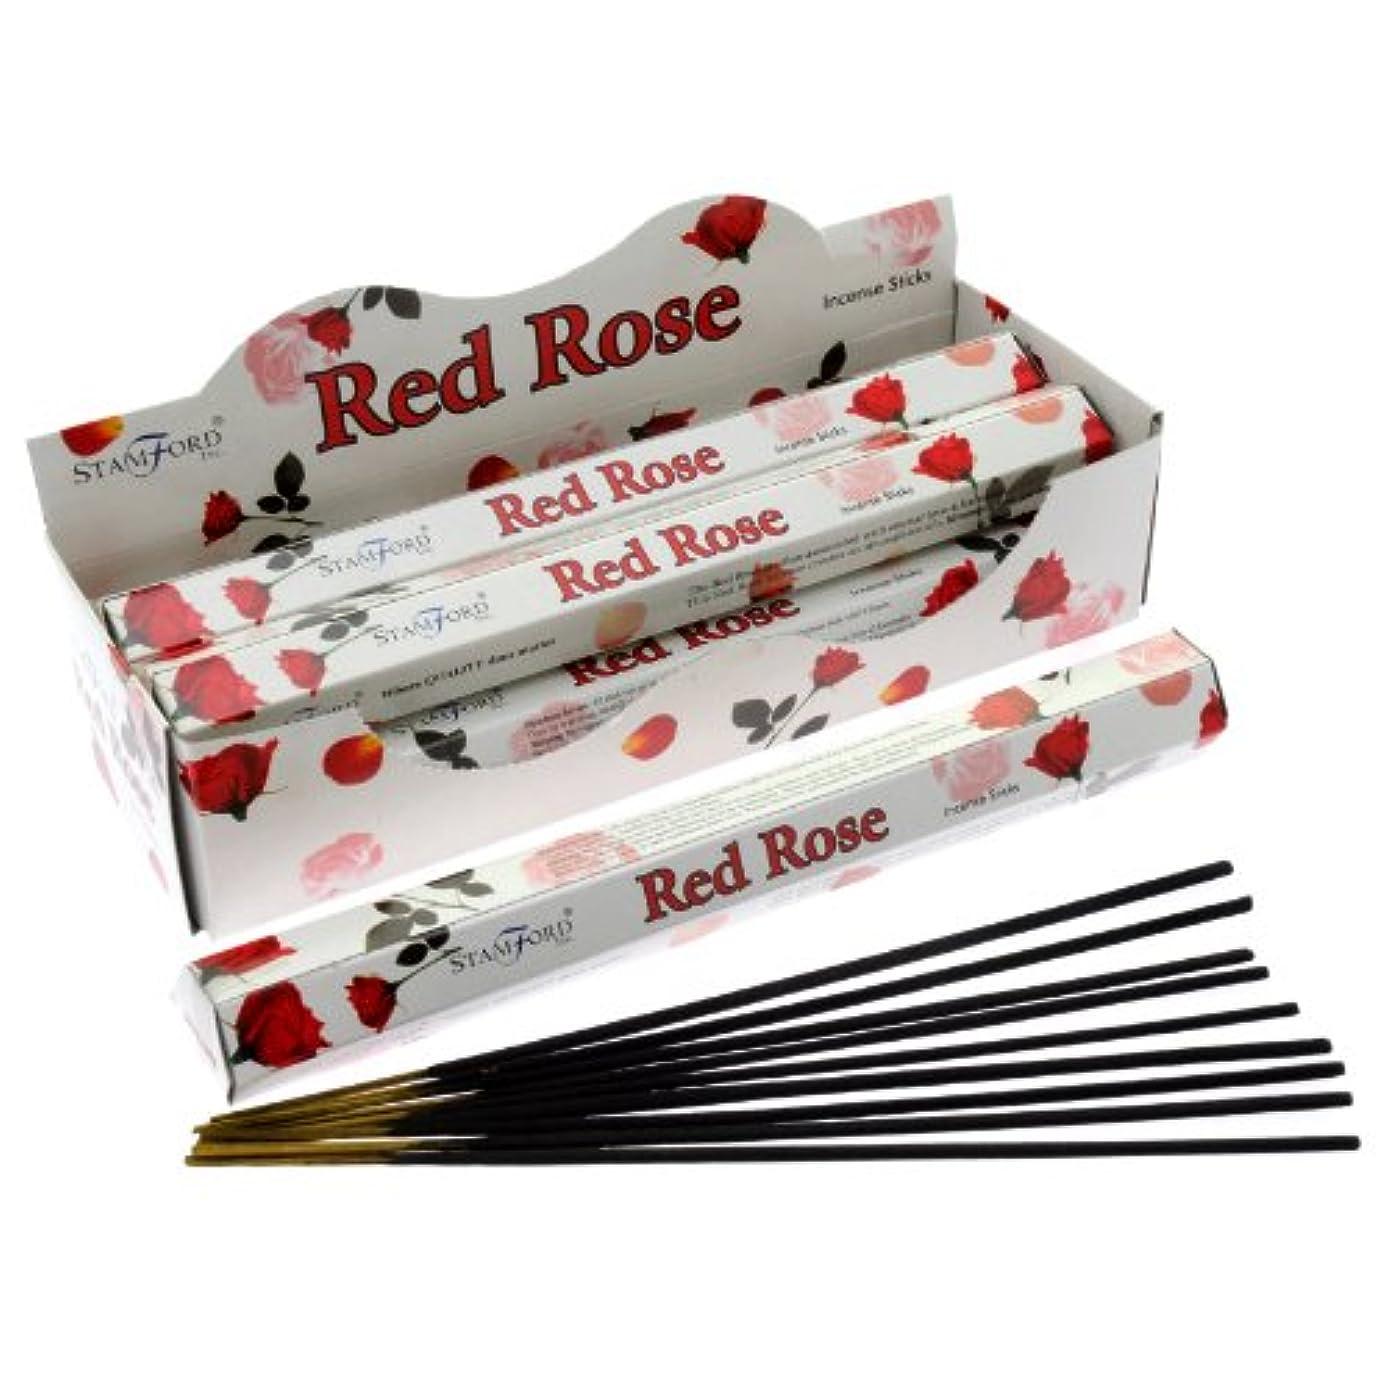 ロビー粘着性服を洗うHEM ヘム レッドローズ REDLOSE ステック お香 6箱